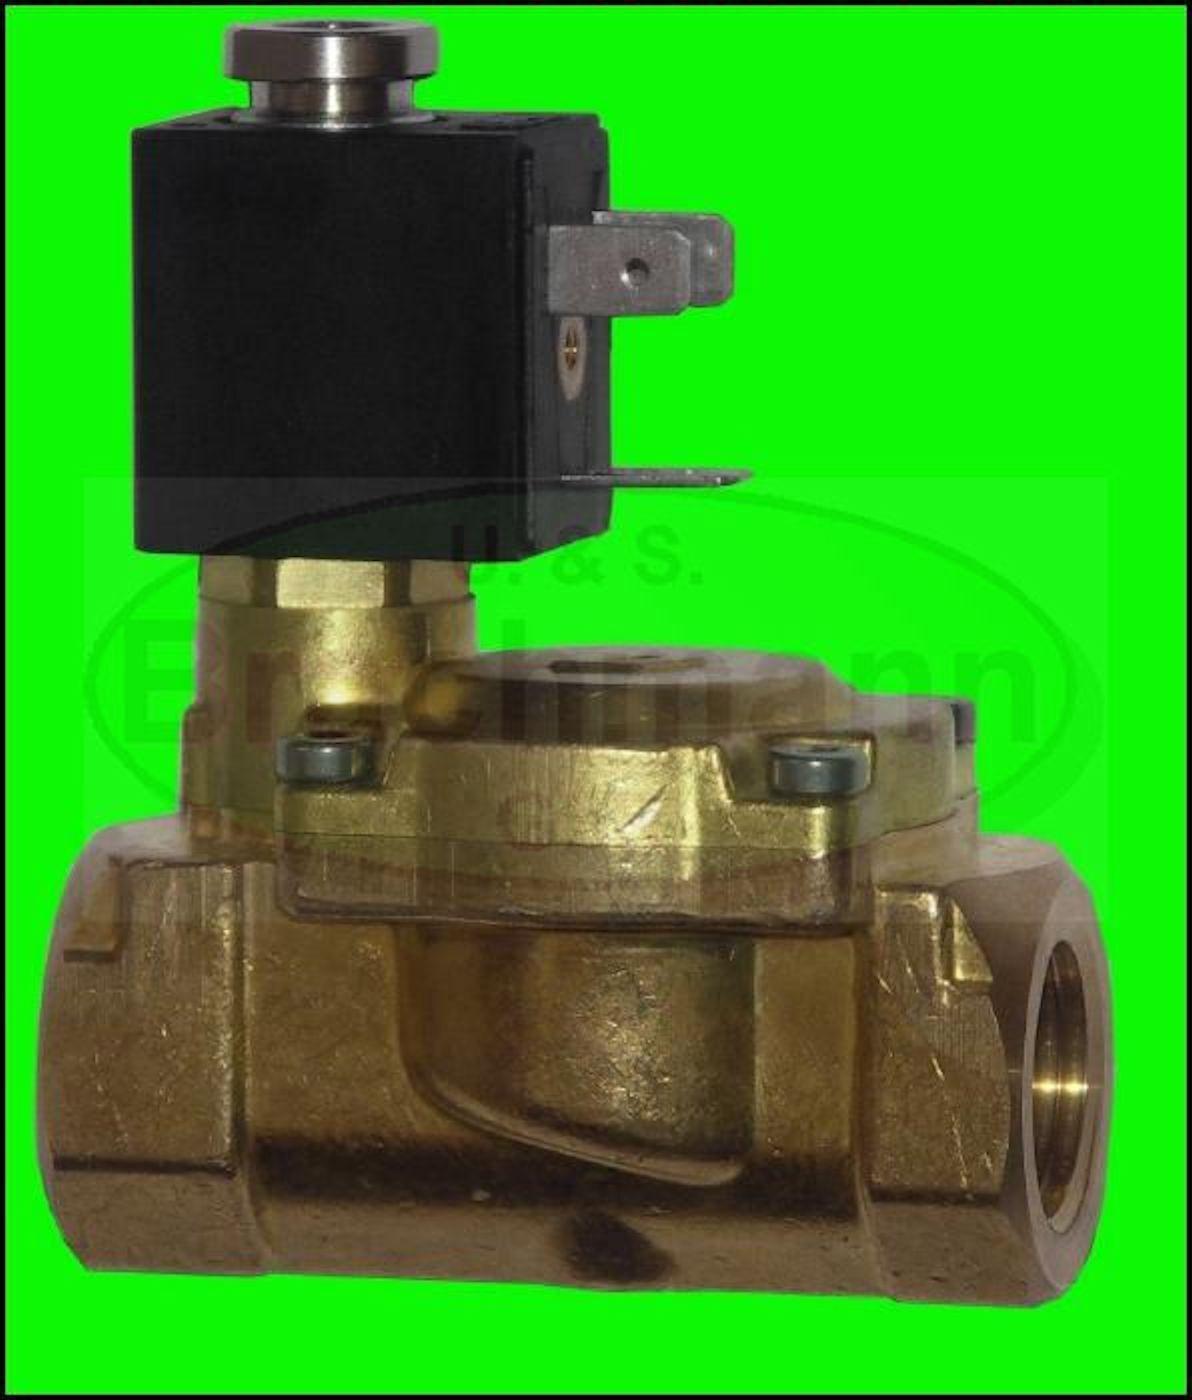 Magnetventil 1  Messing 12V 24V 230V 12bar NO NC OLAB Trinkwasser DVGW